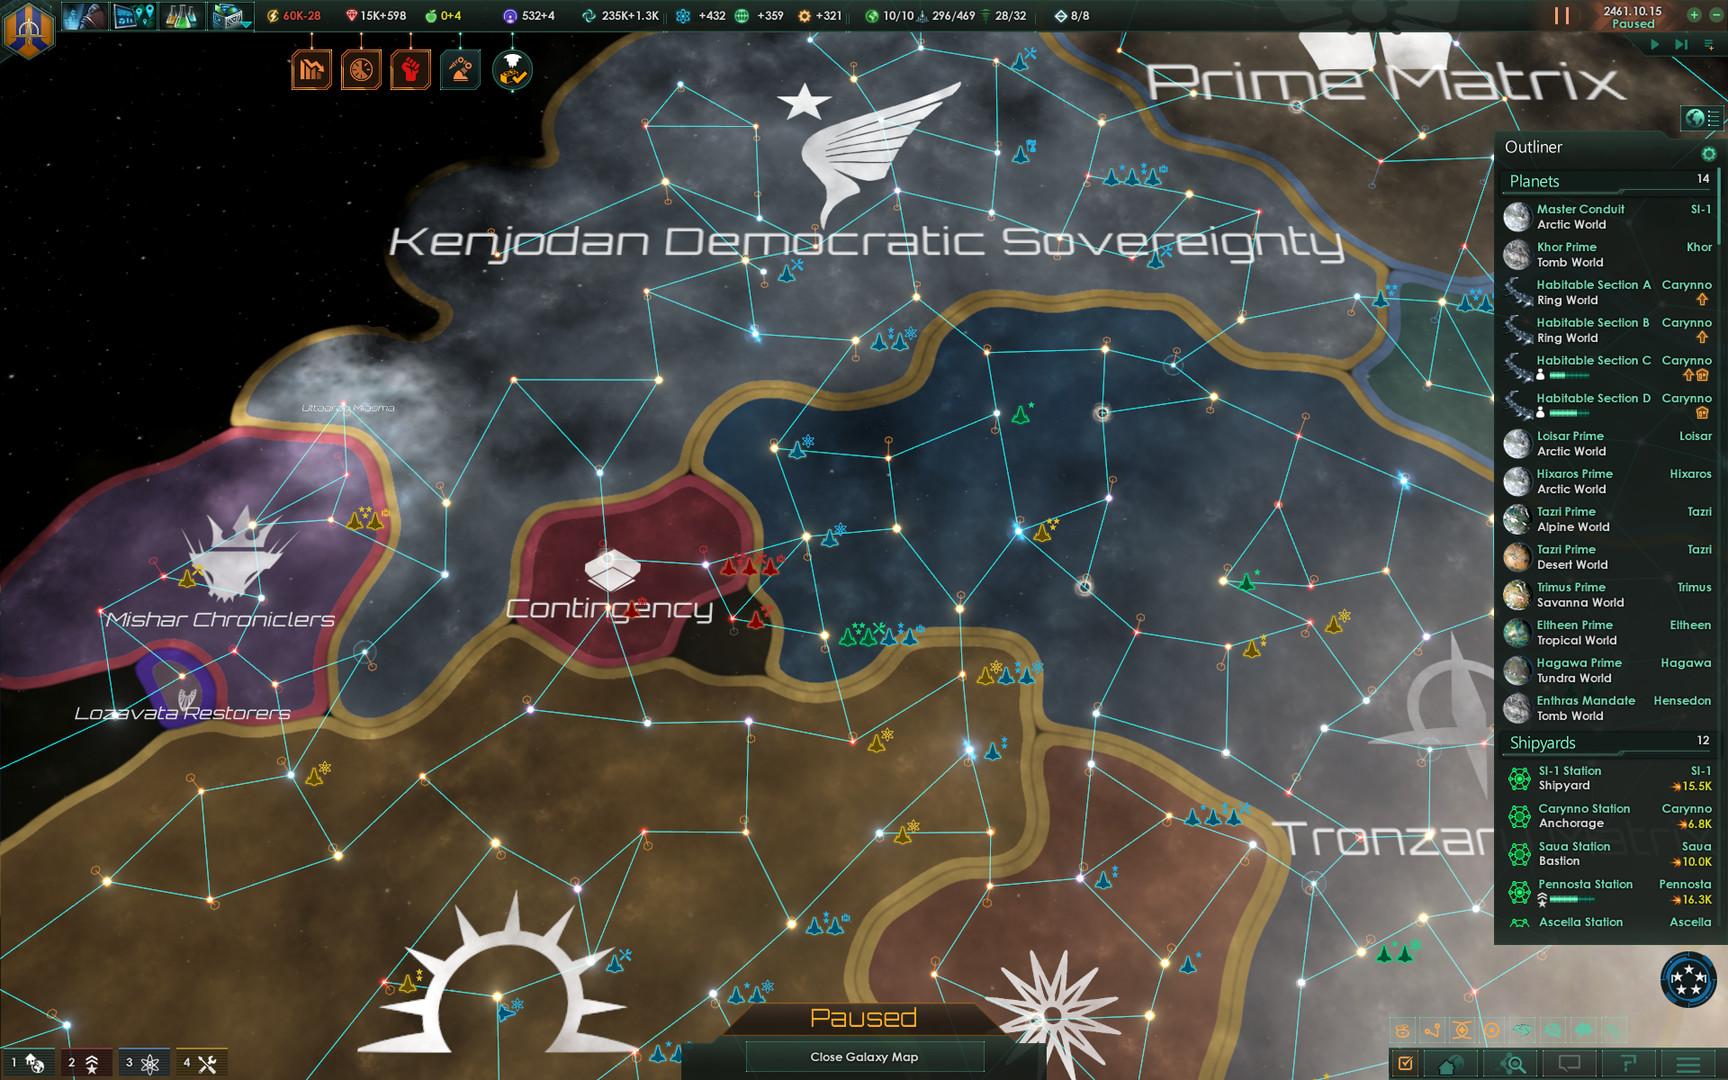 igg games stellaris free download dlc